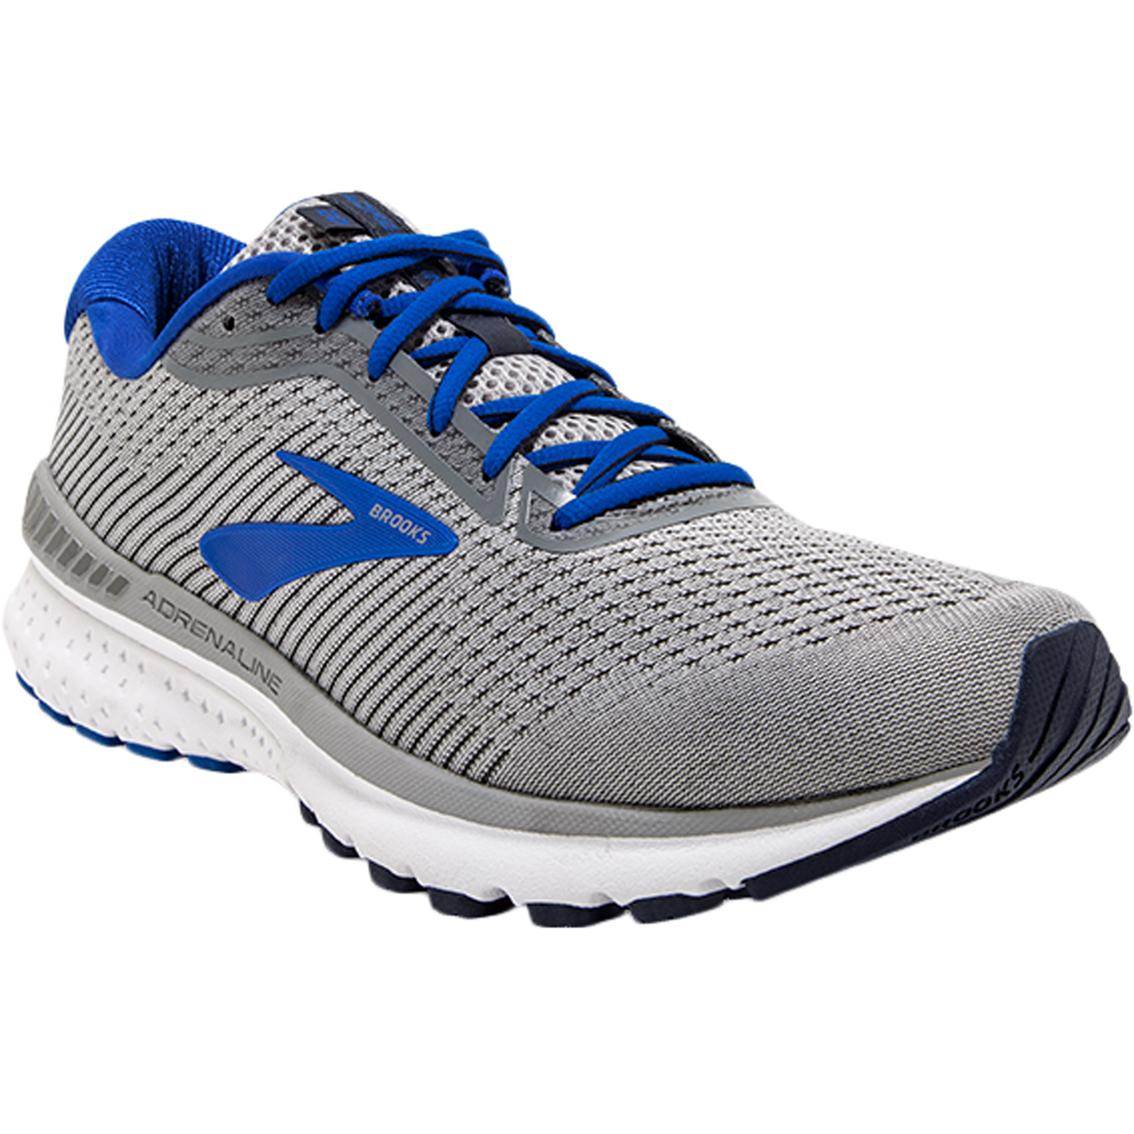 brooks shoes men's